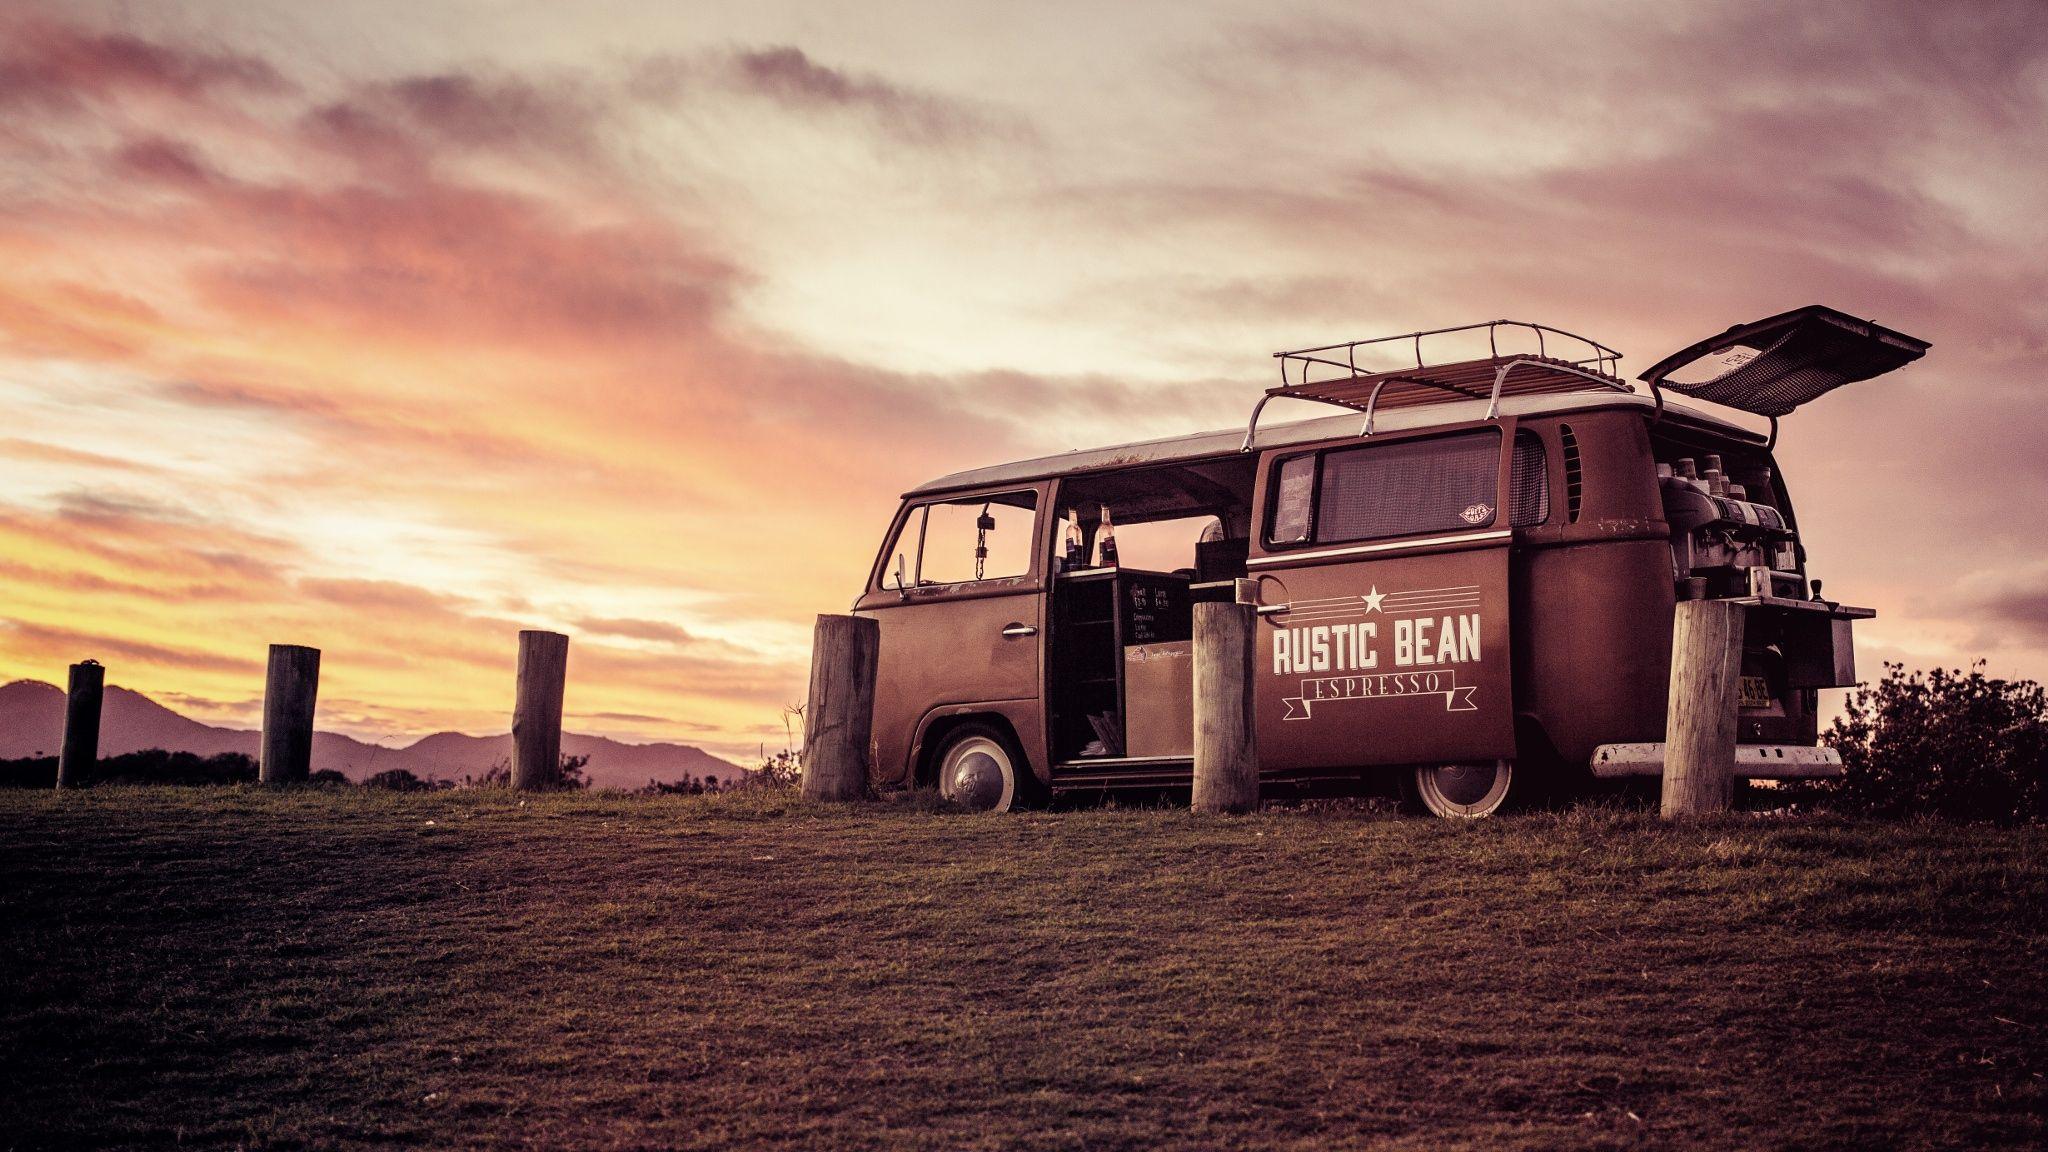 Fotografía Rustic Bean Espresso por Sam Cracknell en 500px